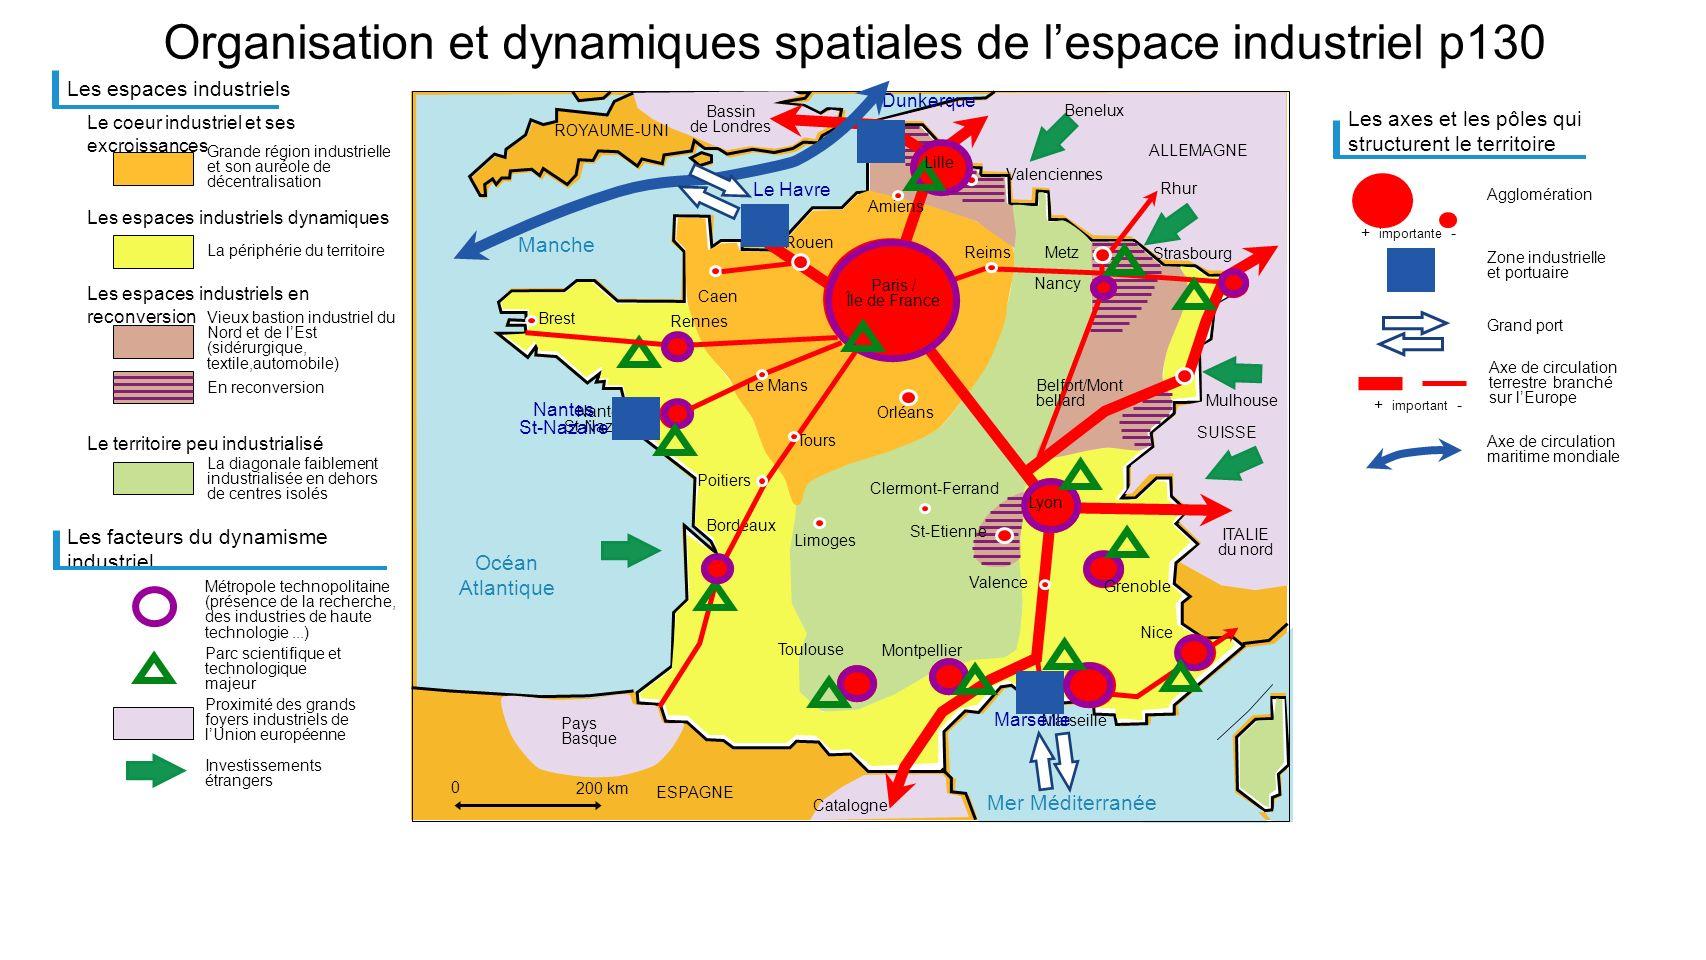 Organisation et dynamiques spatiales de l'espace industriel p130